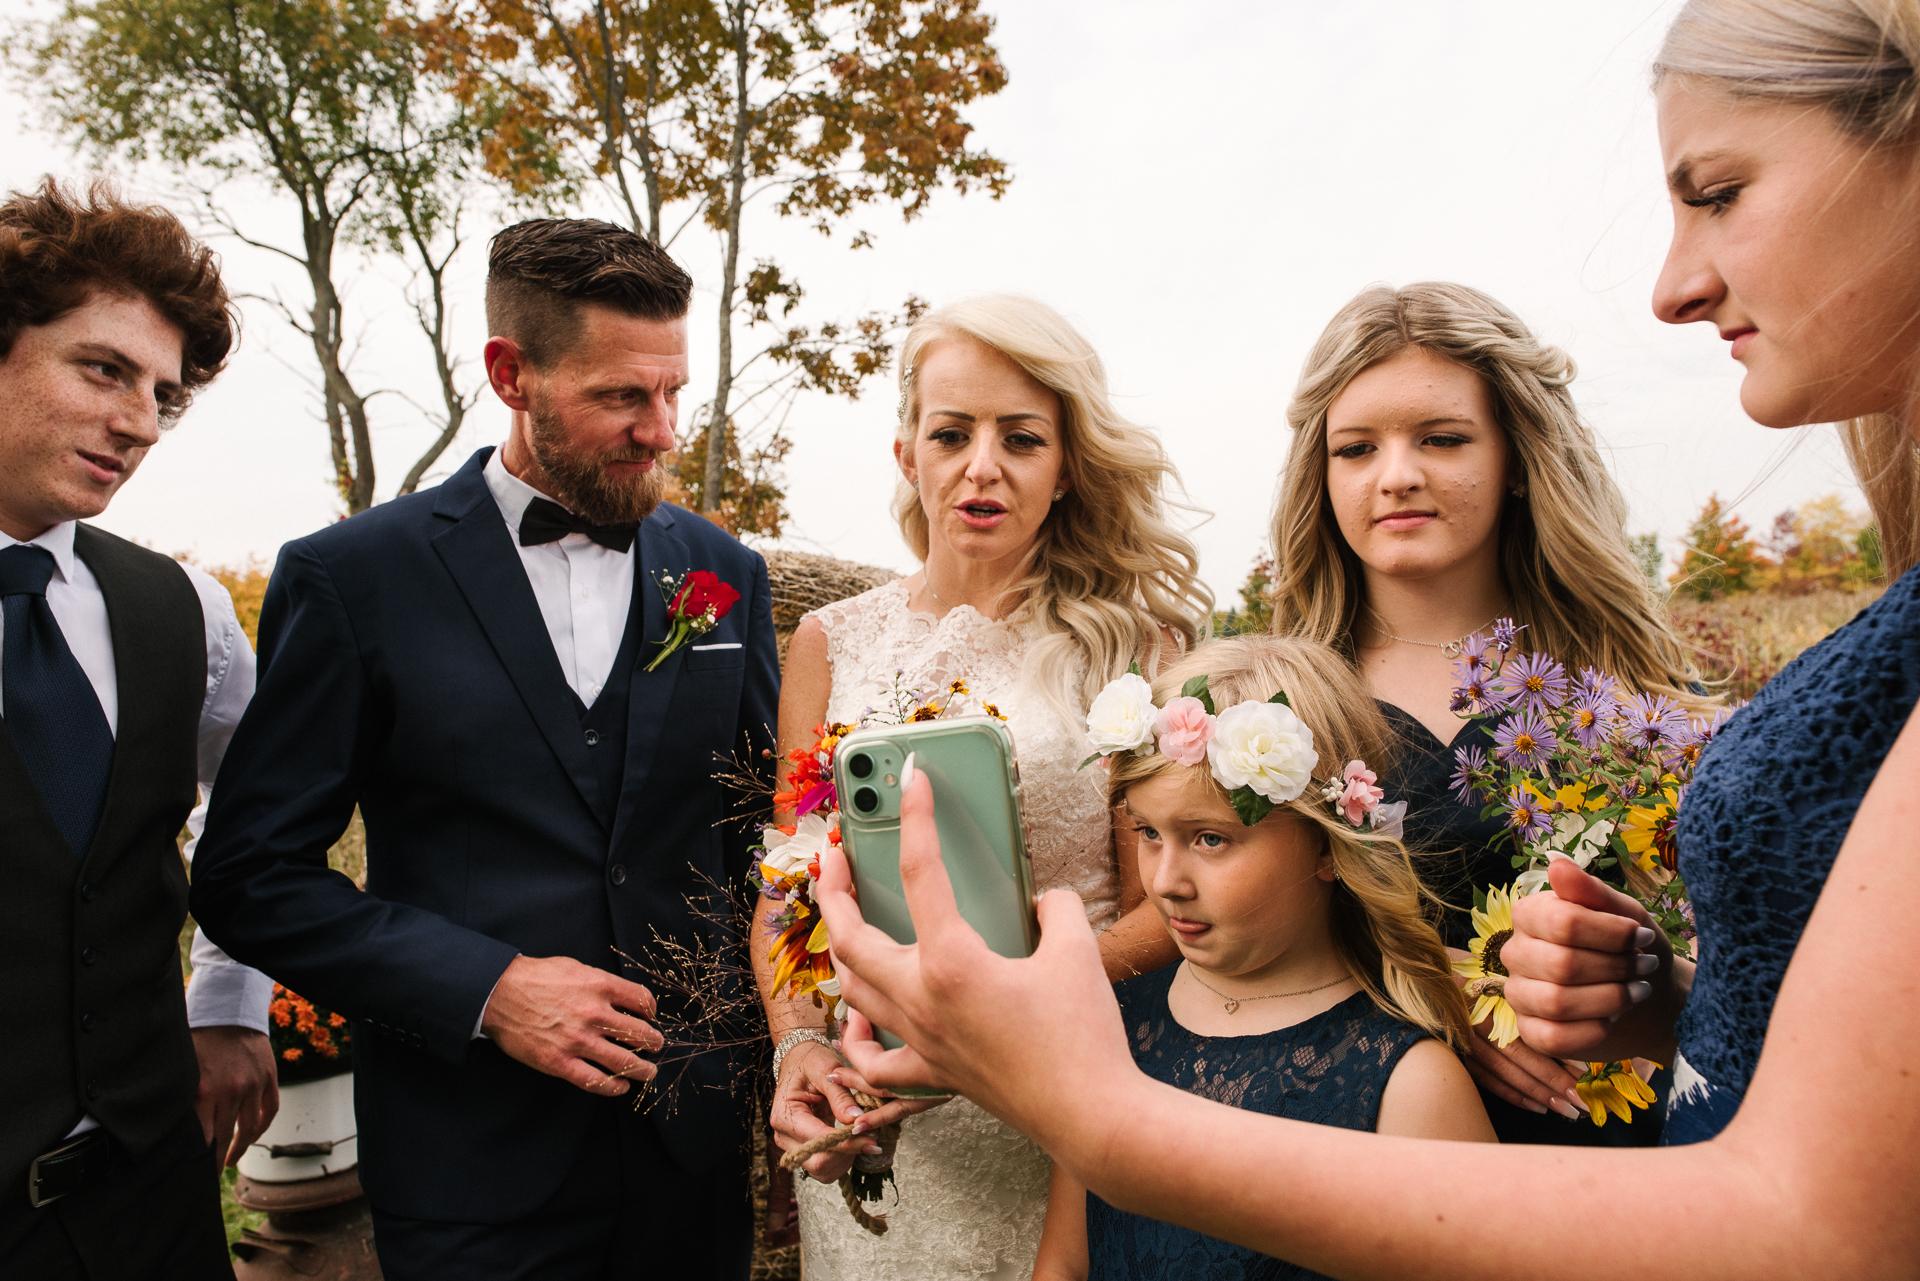 Ontario Outdoor Hochzeitsfoto | Braut und Bräutigam versammeln sich mit ihrer Familie zu einem modernen Hochzeitsporträt